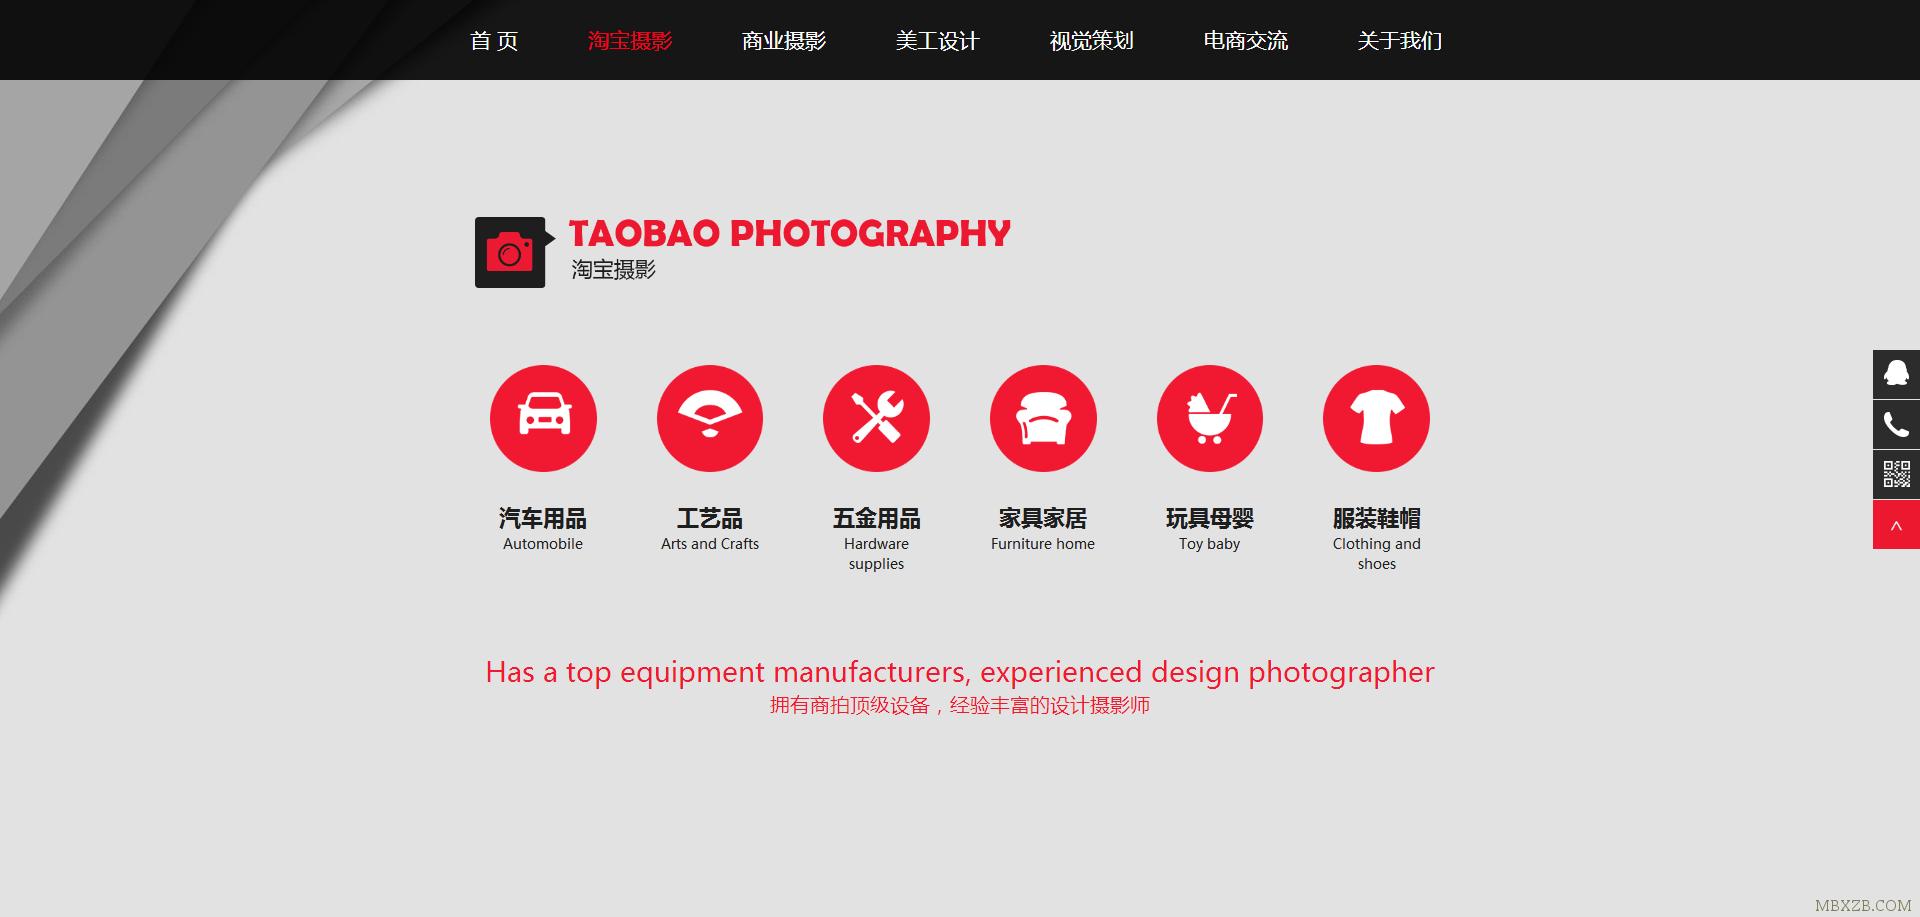 响应式淘宝美工摄影店铺装修类织梦模板 艺术摄影类网站源码